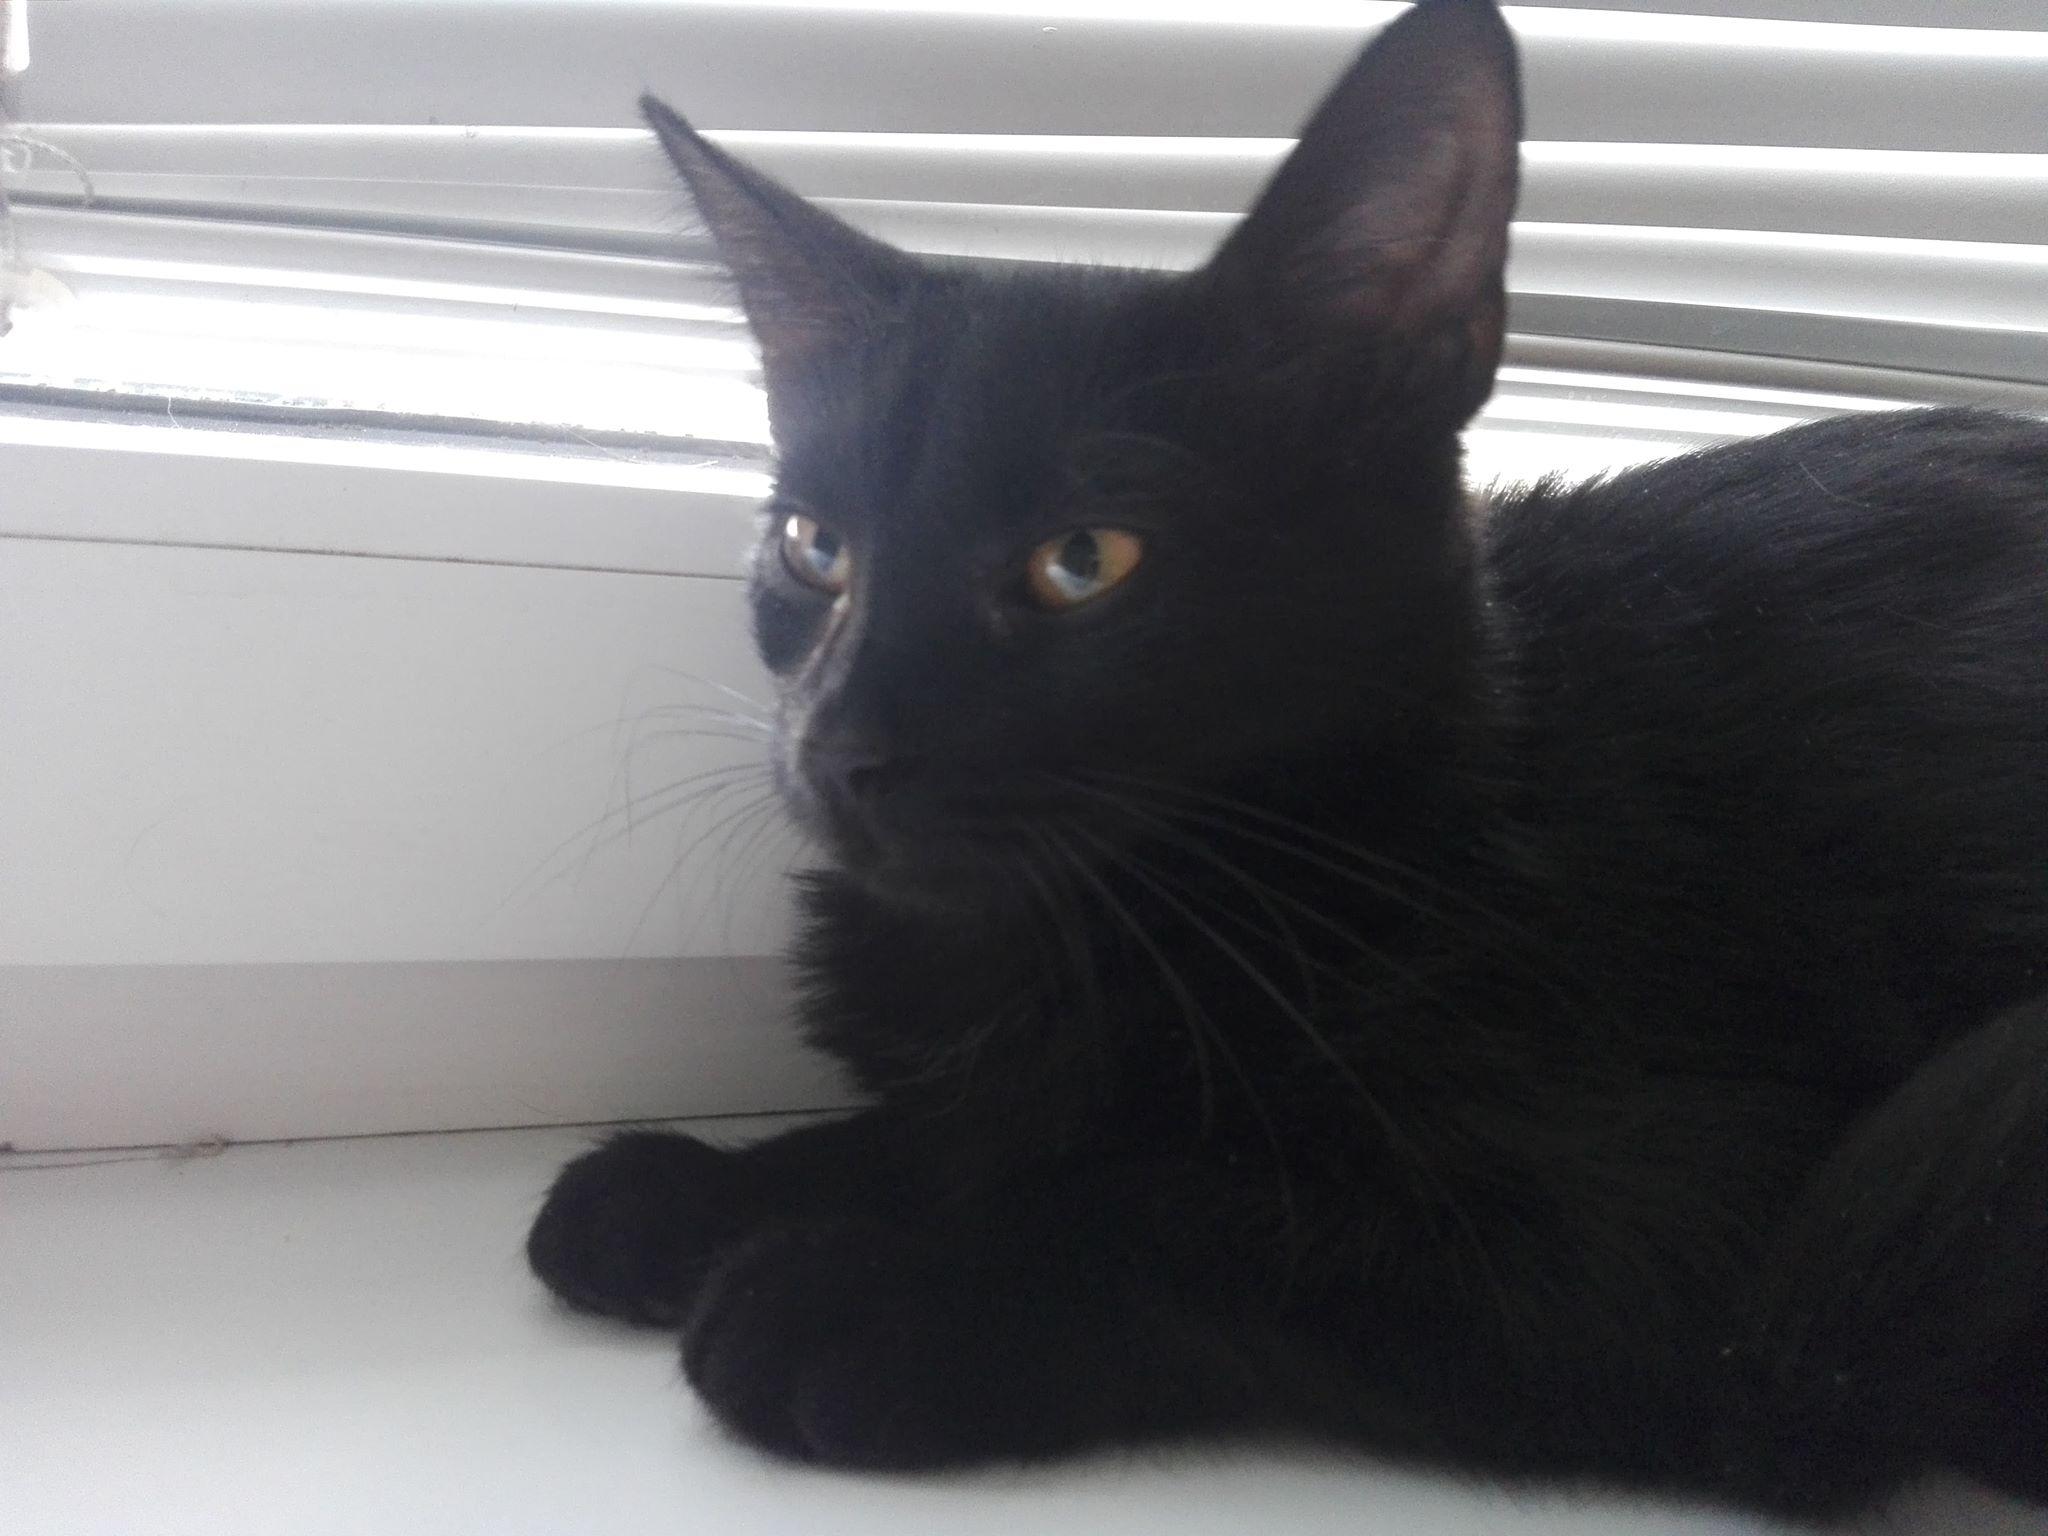 Oglądasz obrazki z tematu: Czarny kociak znaleziony na ul. Warszawskiej